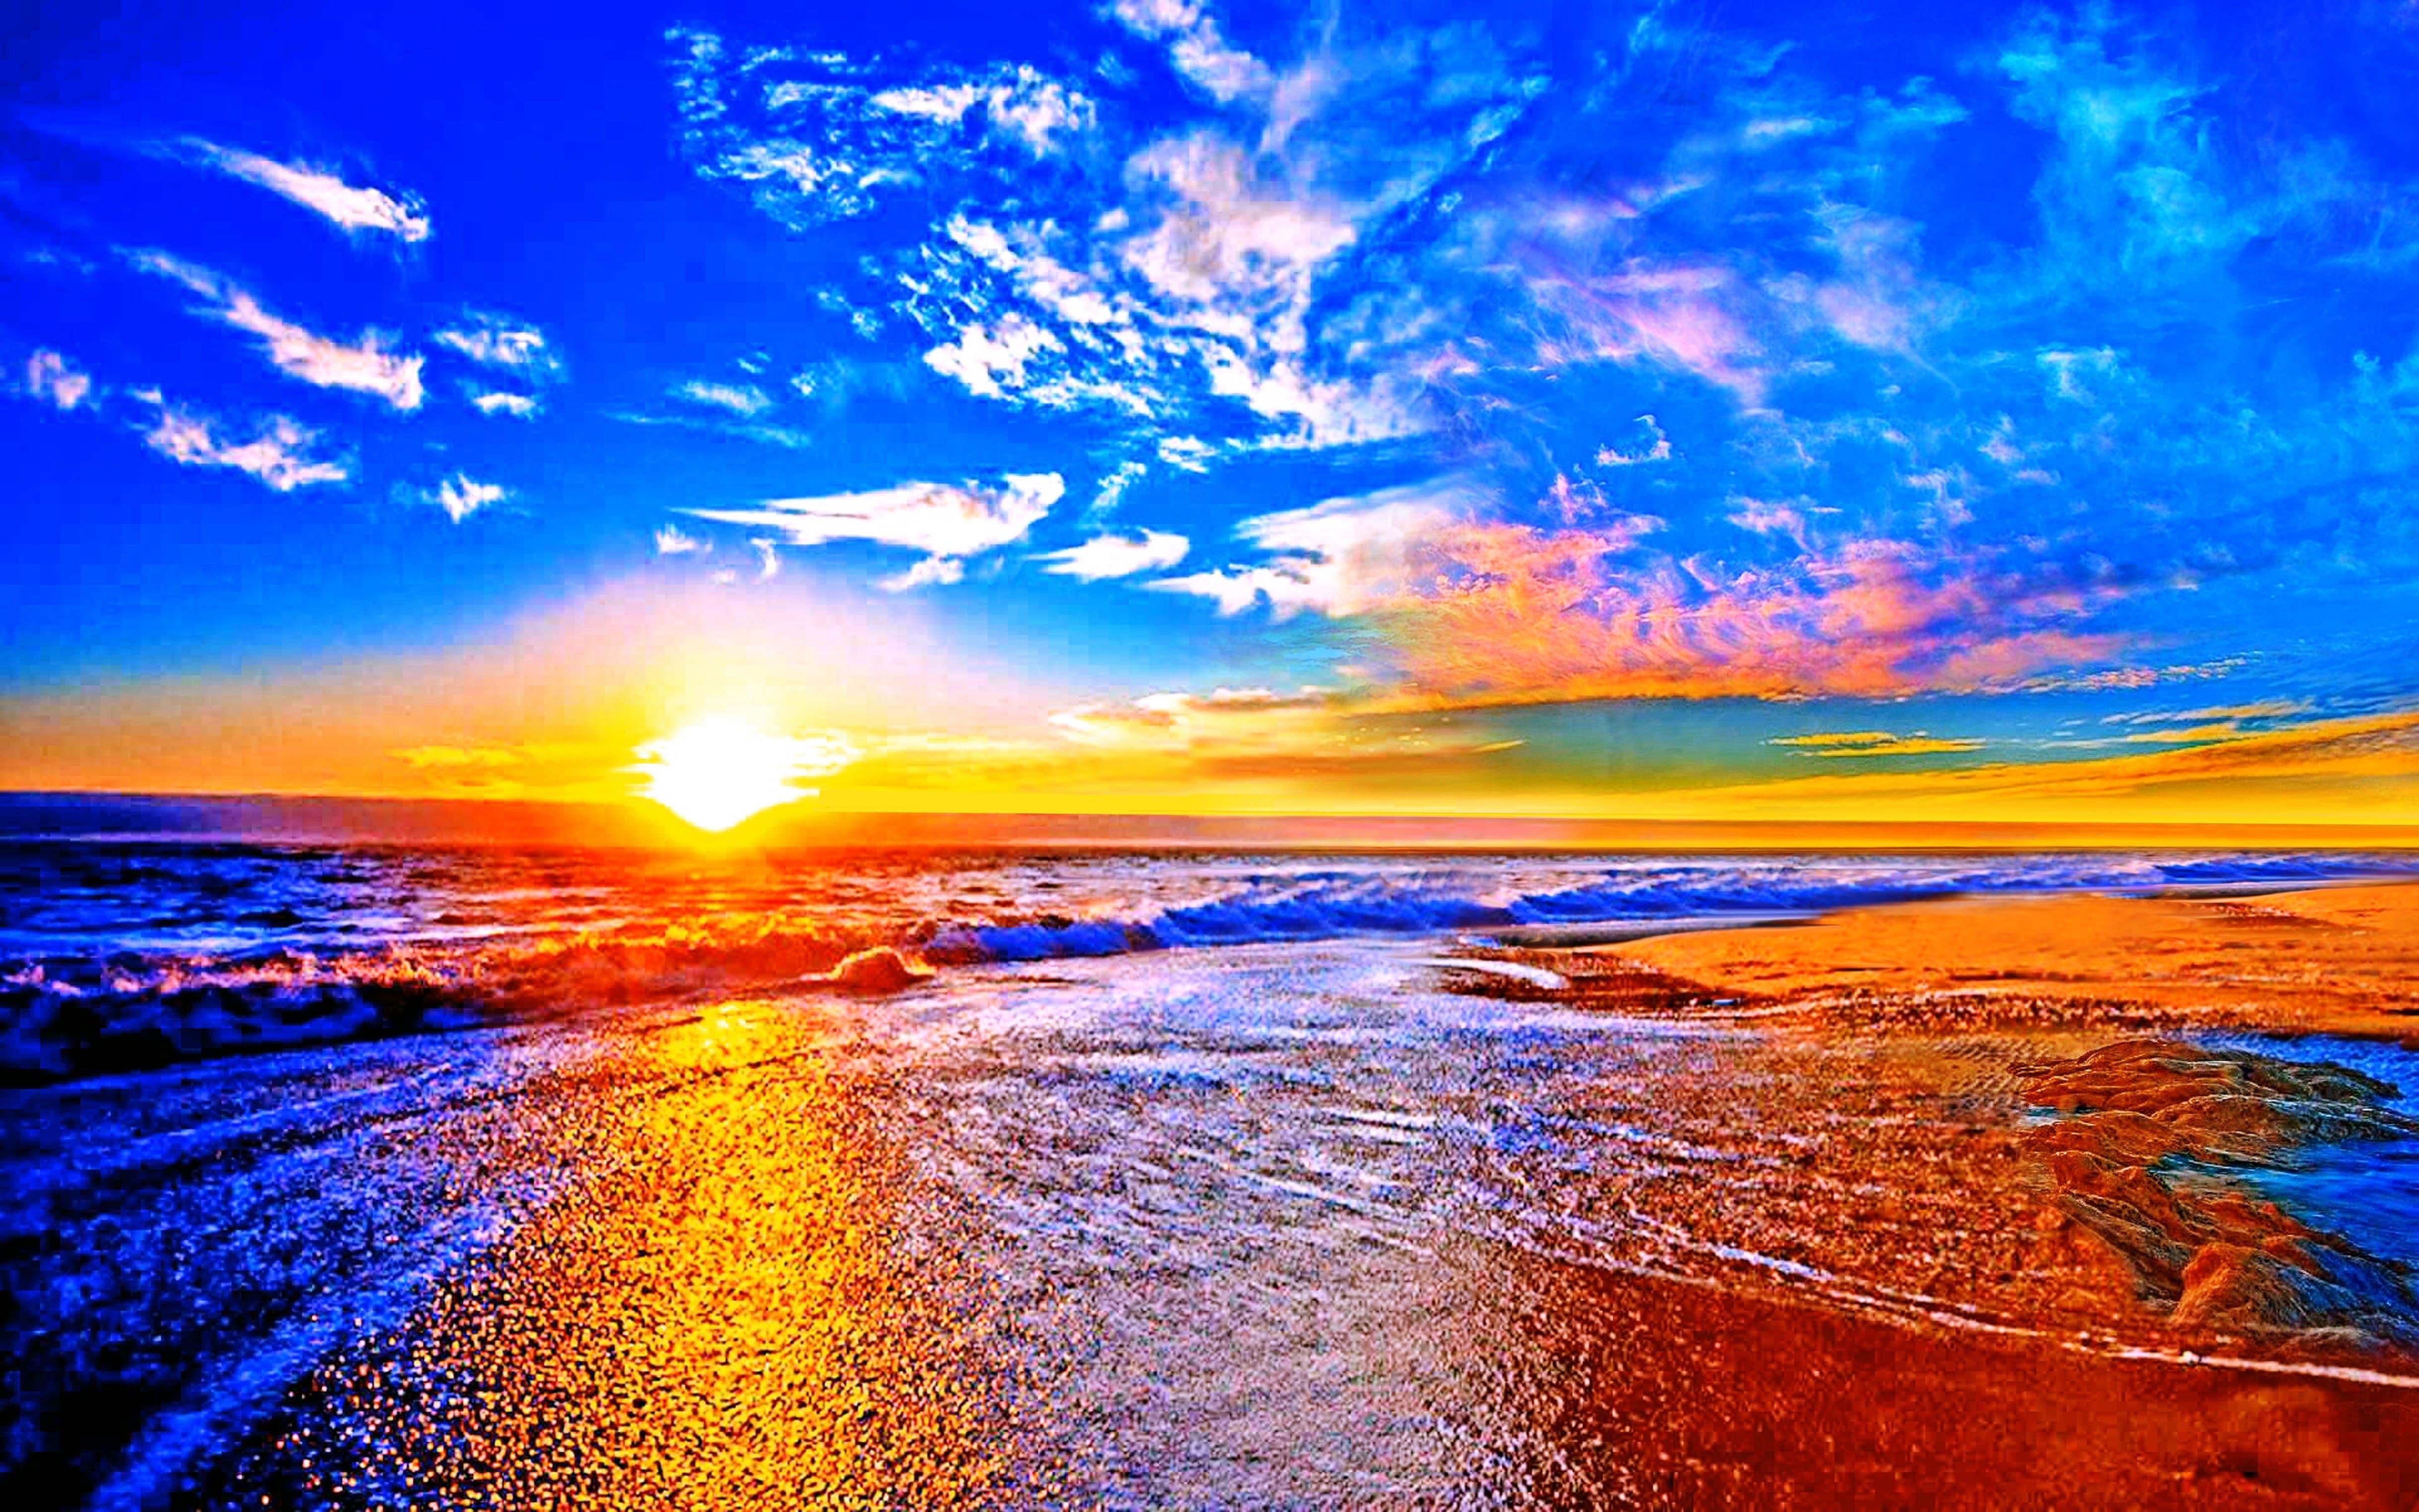 Sunset widescreen wallpapers